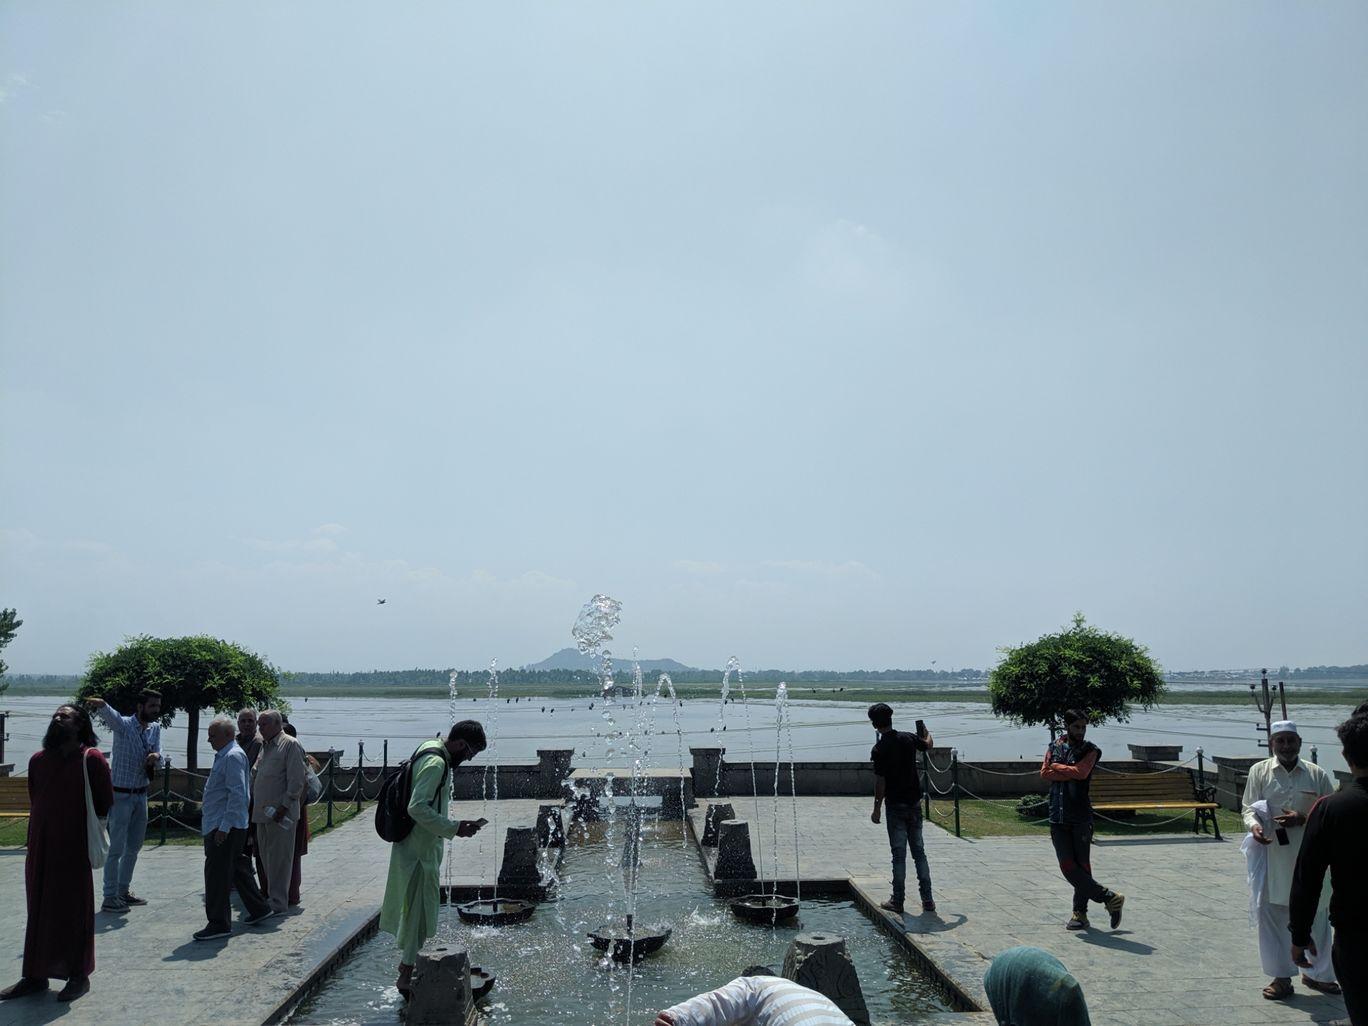 Photo of Dal Lake By Ankit Joshi